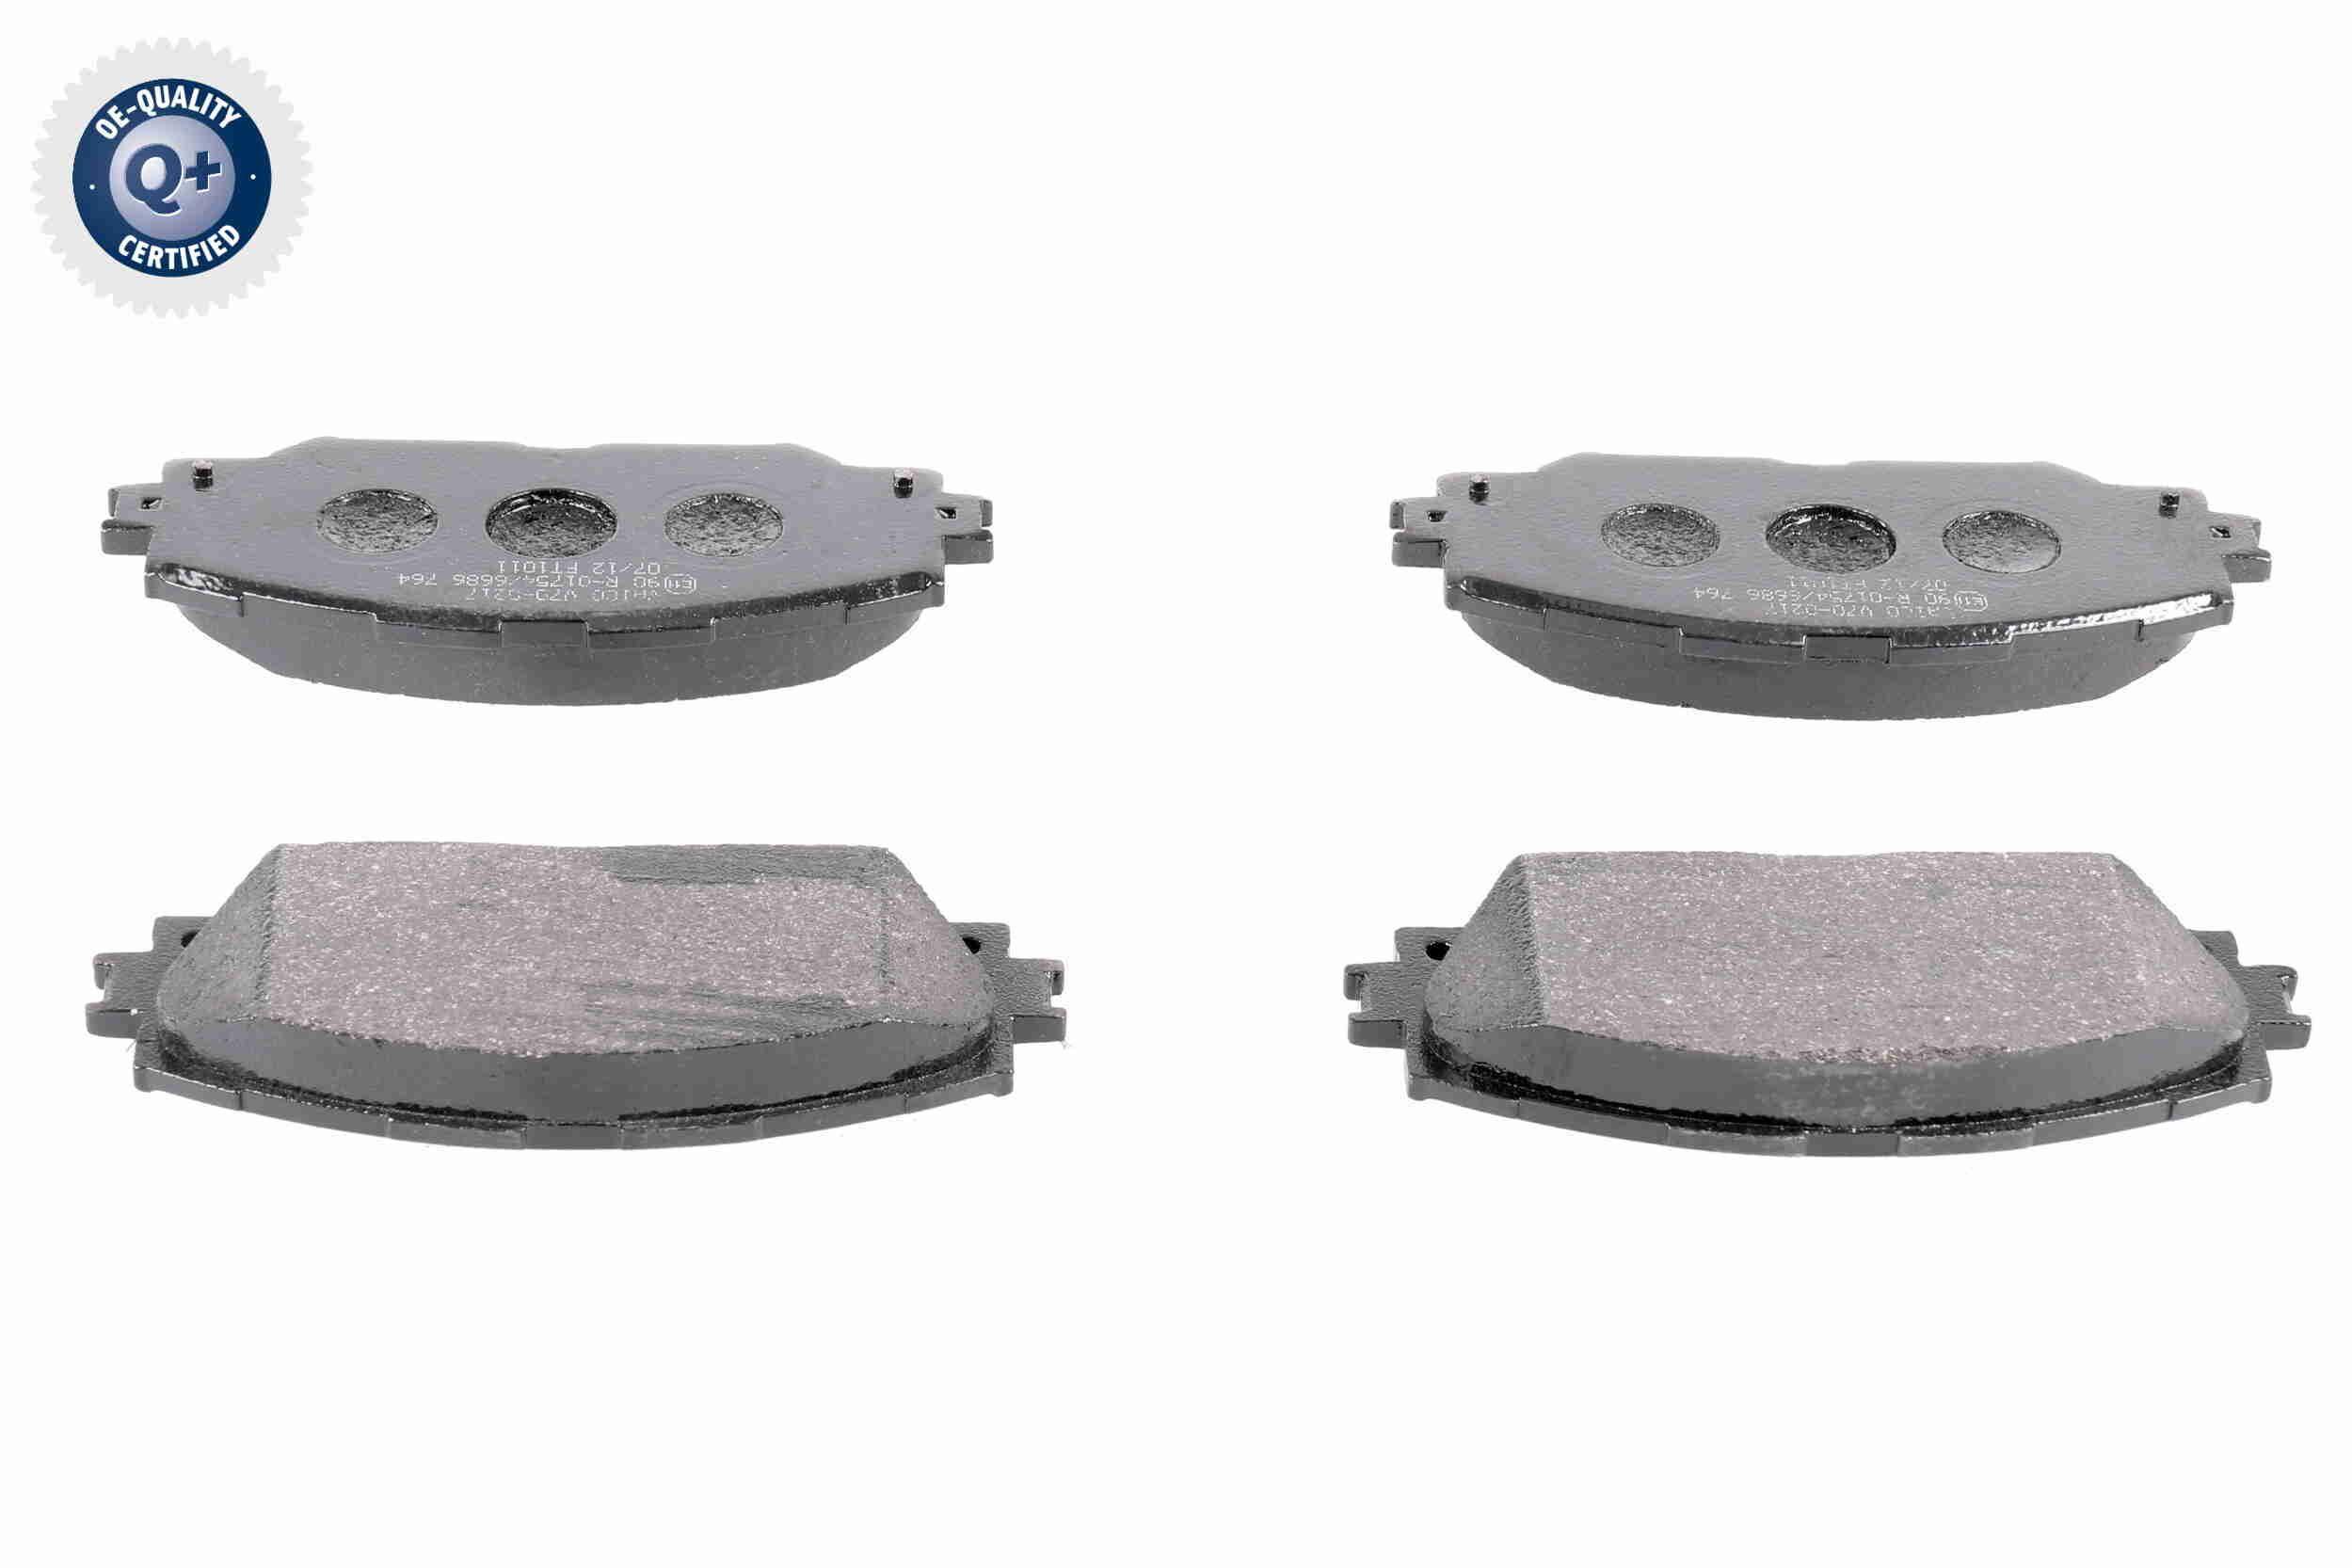 Kühlmittelpumpe V70-50008 VAICO V70-50008 in Original Qualität